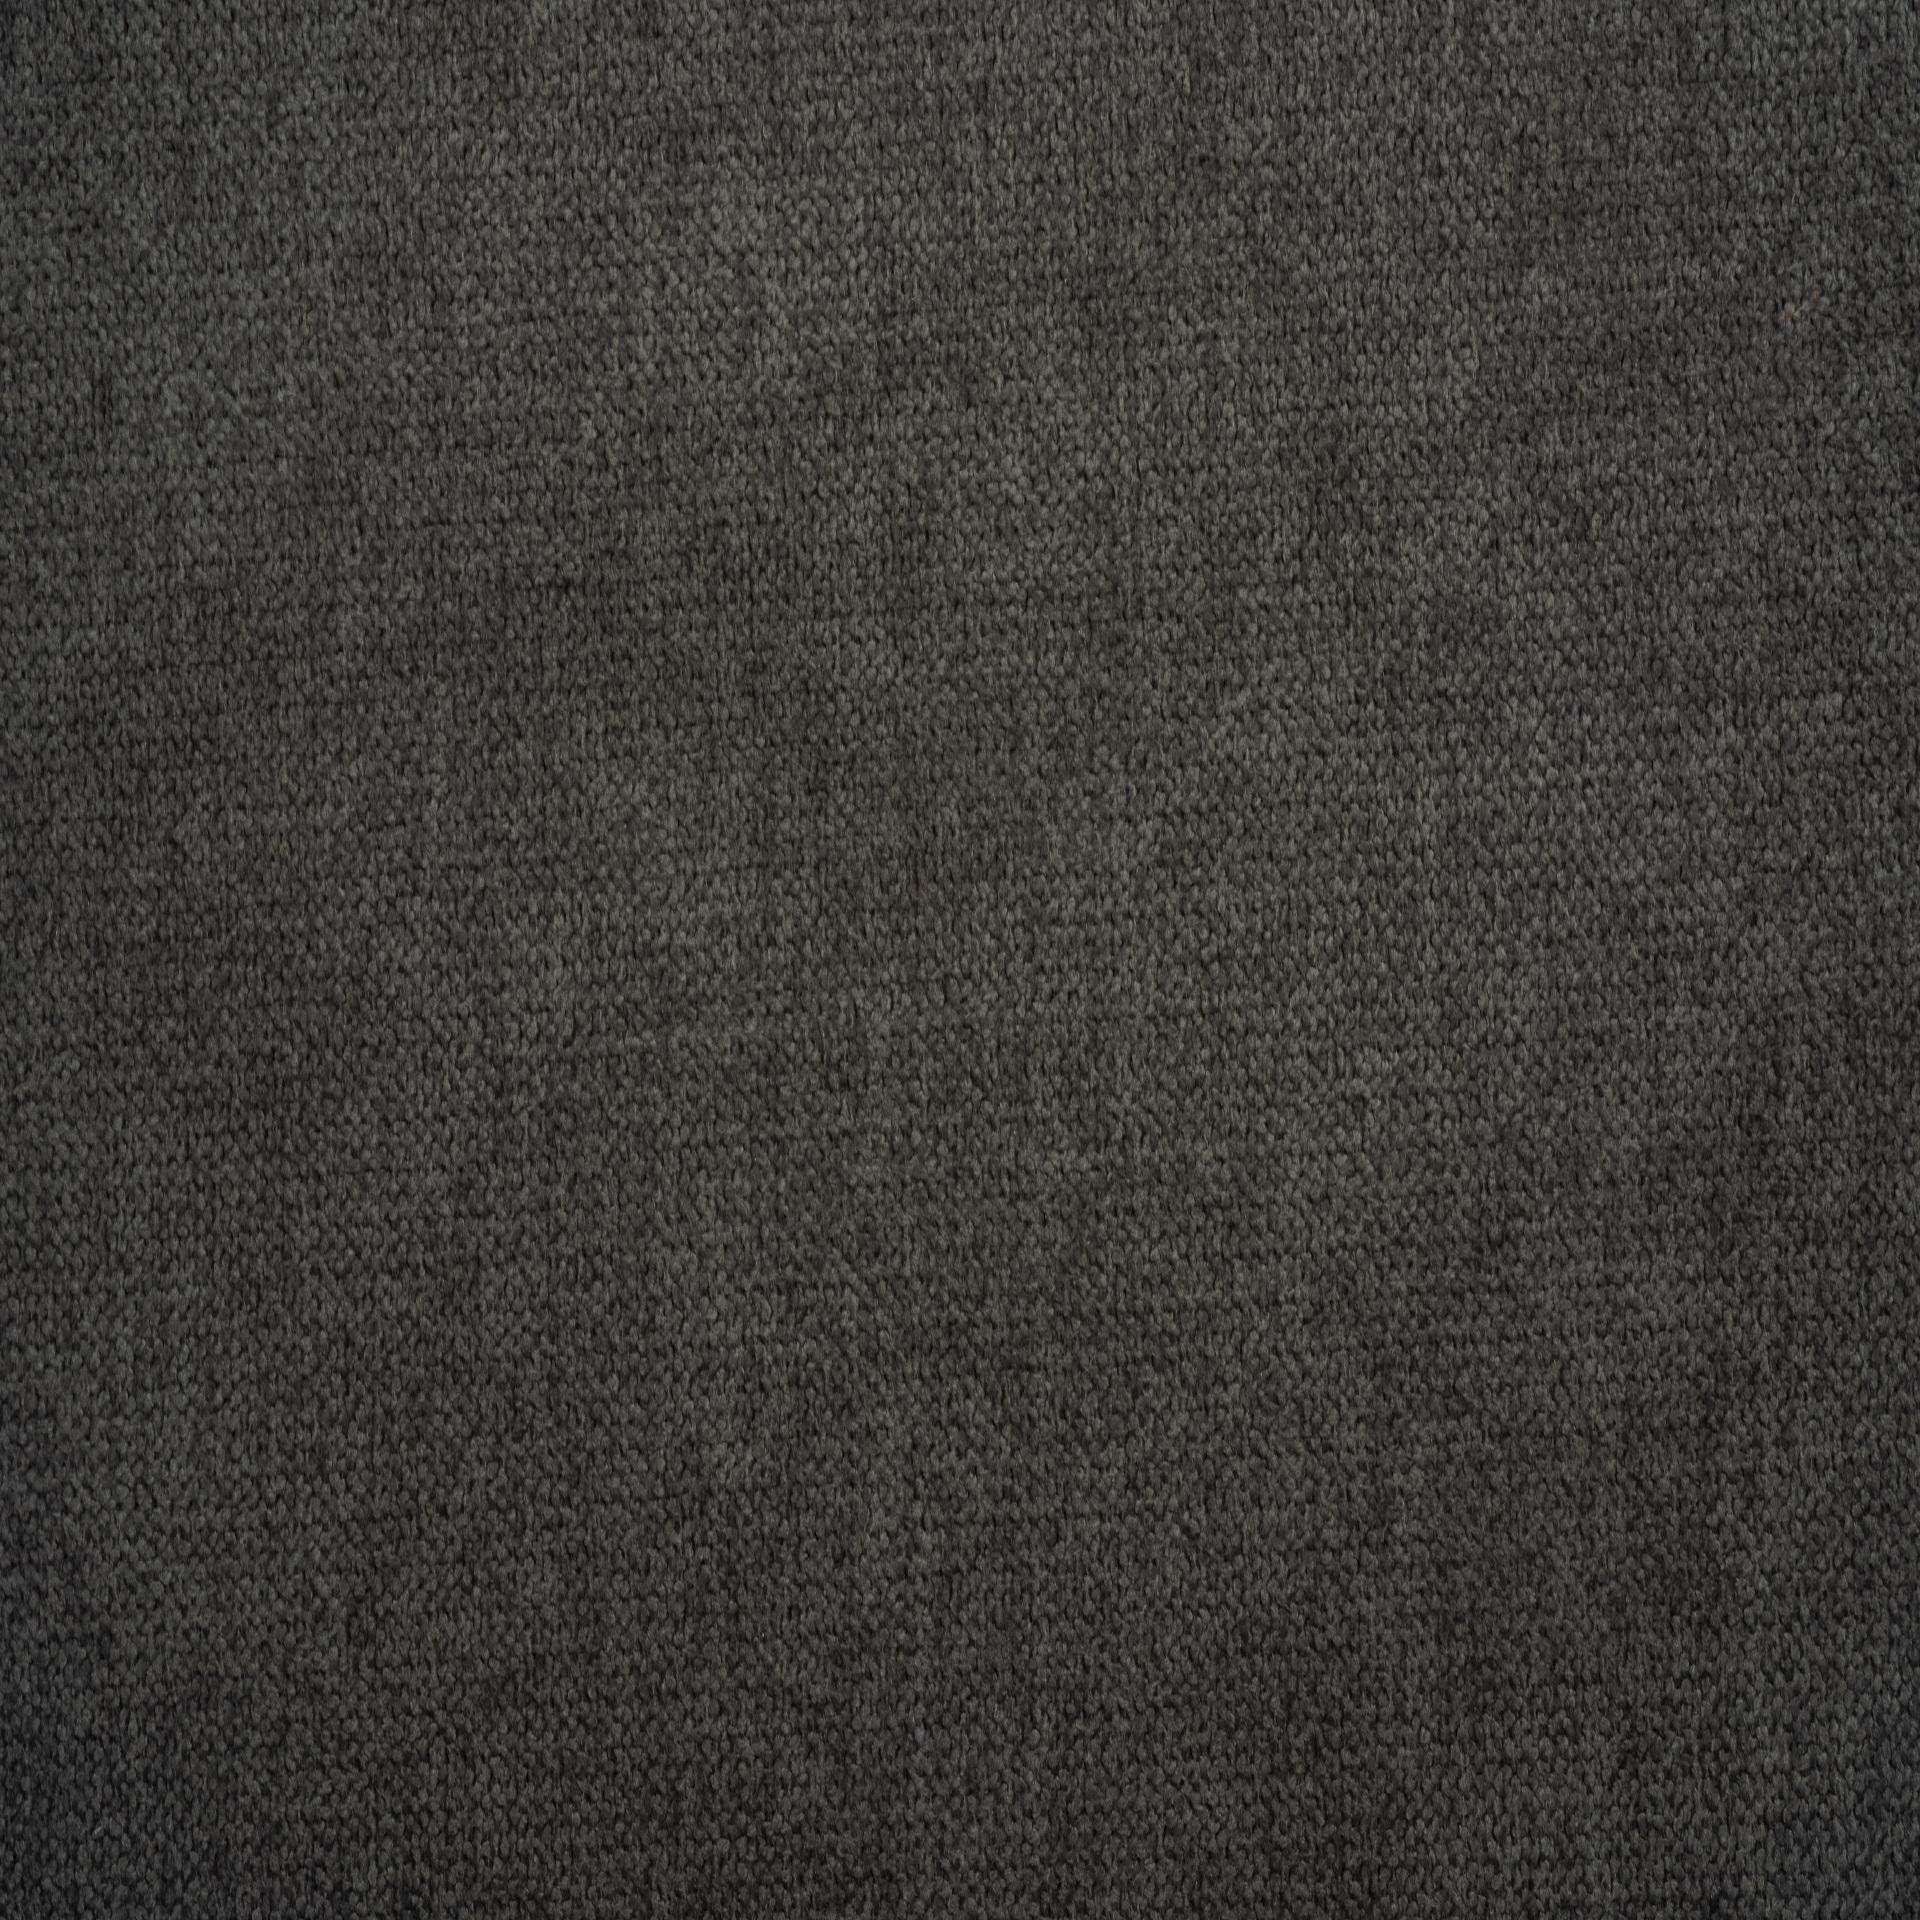 Коллекция ткани Аляска 96,  купить ткань Жаккард для мебели Украина